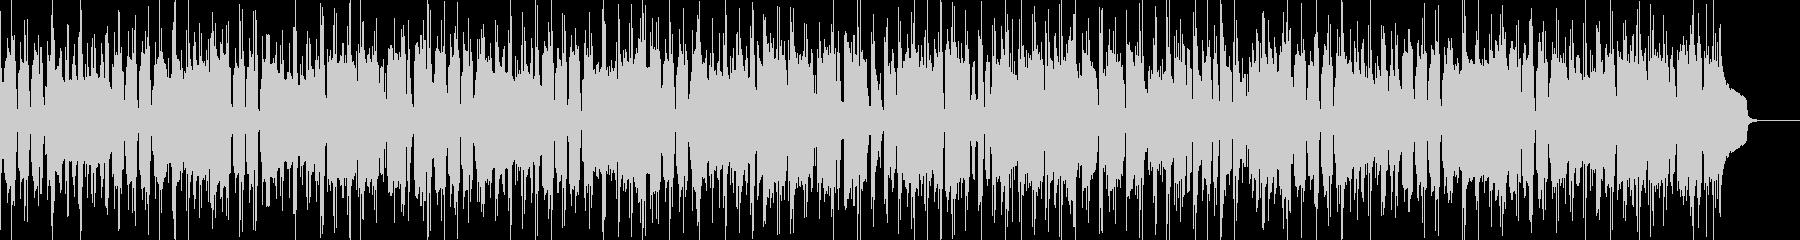 定番のブルース進行でのBGMの未再生の波形